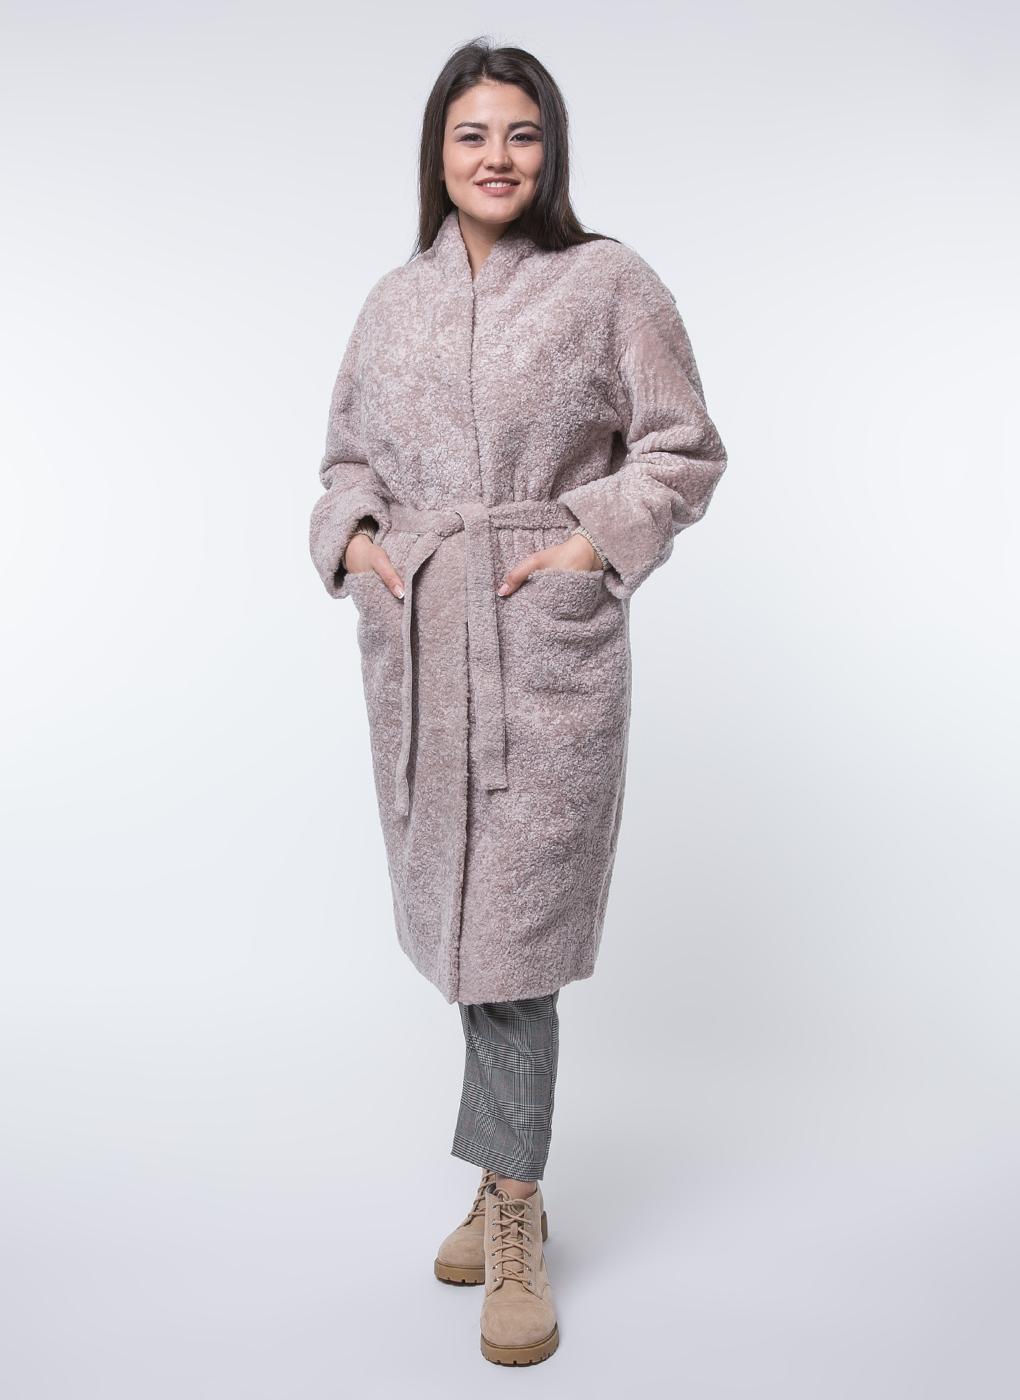 Пальто приталенное из овчины 02, Perre фото